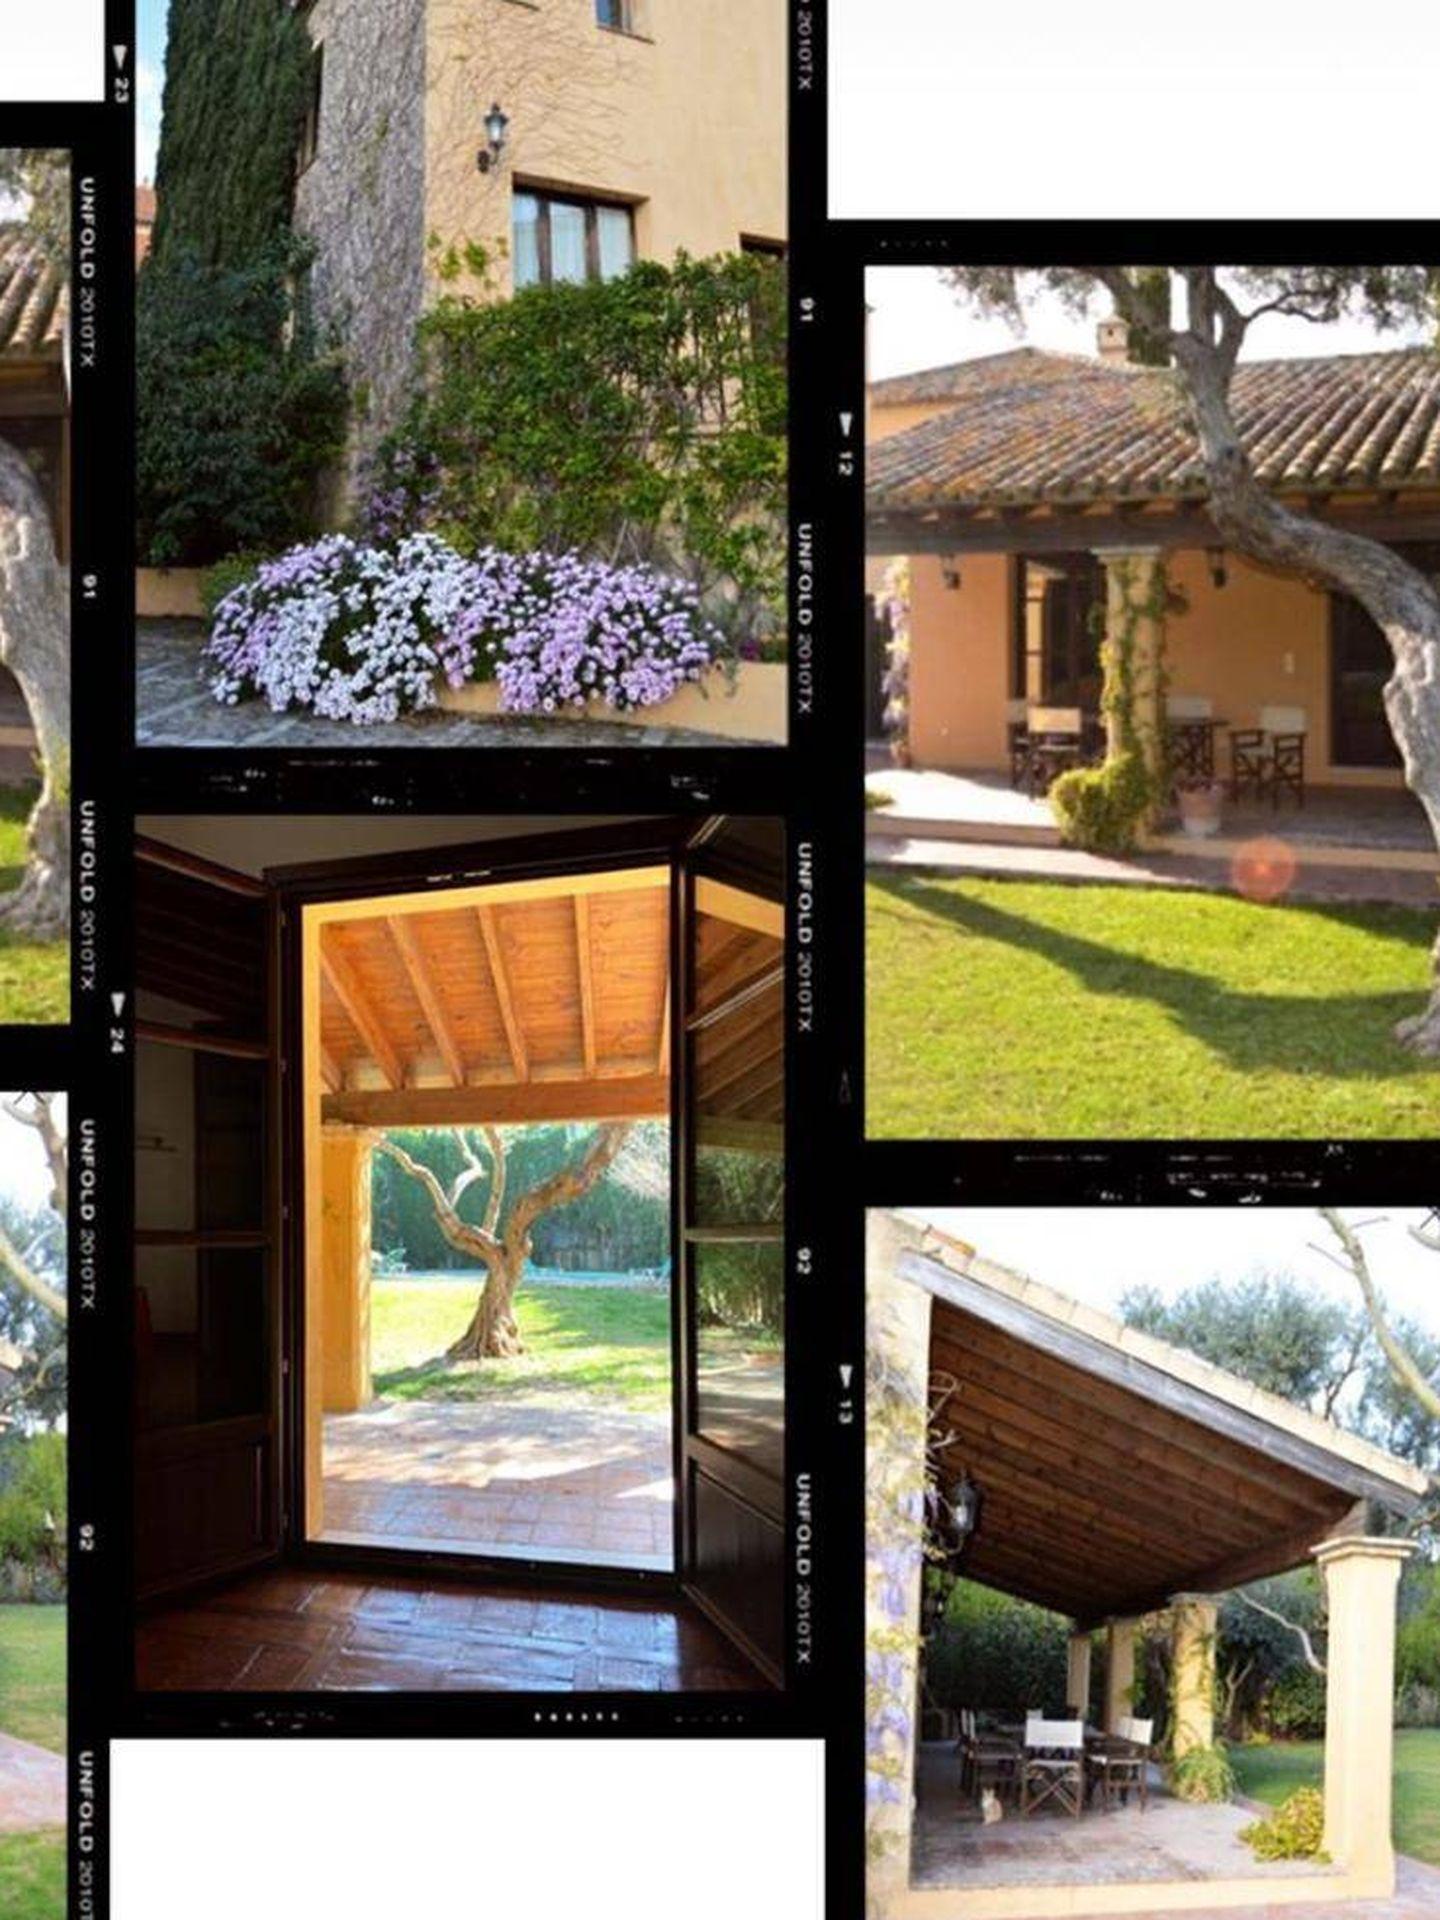 Montaje de la nueva casa de Rocío Osorno. (@Rocio0sorno)